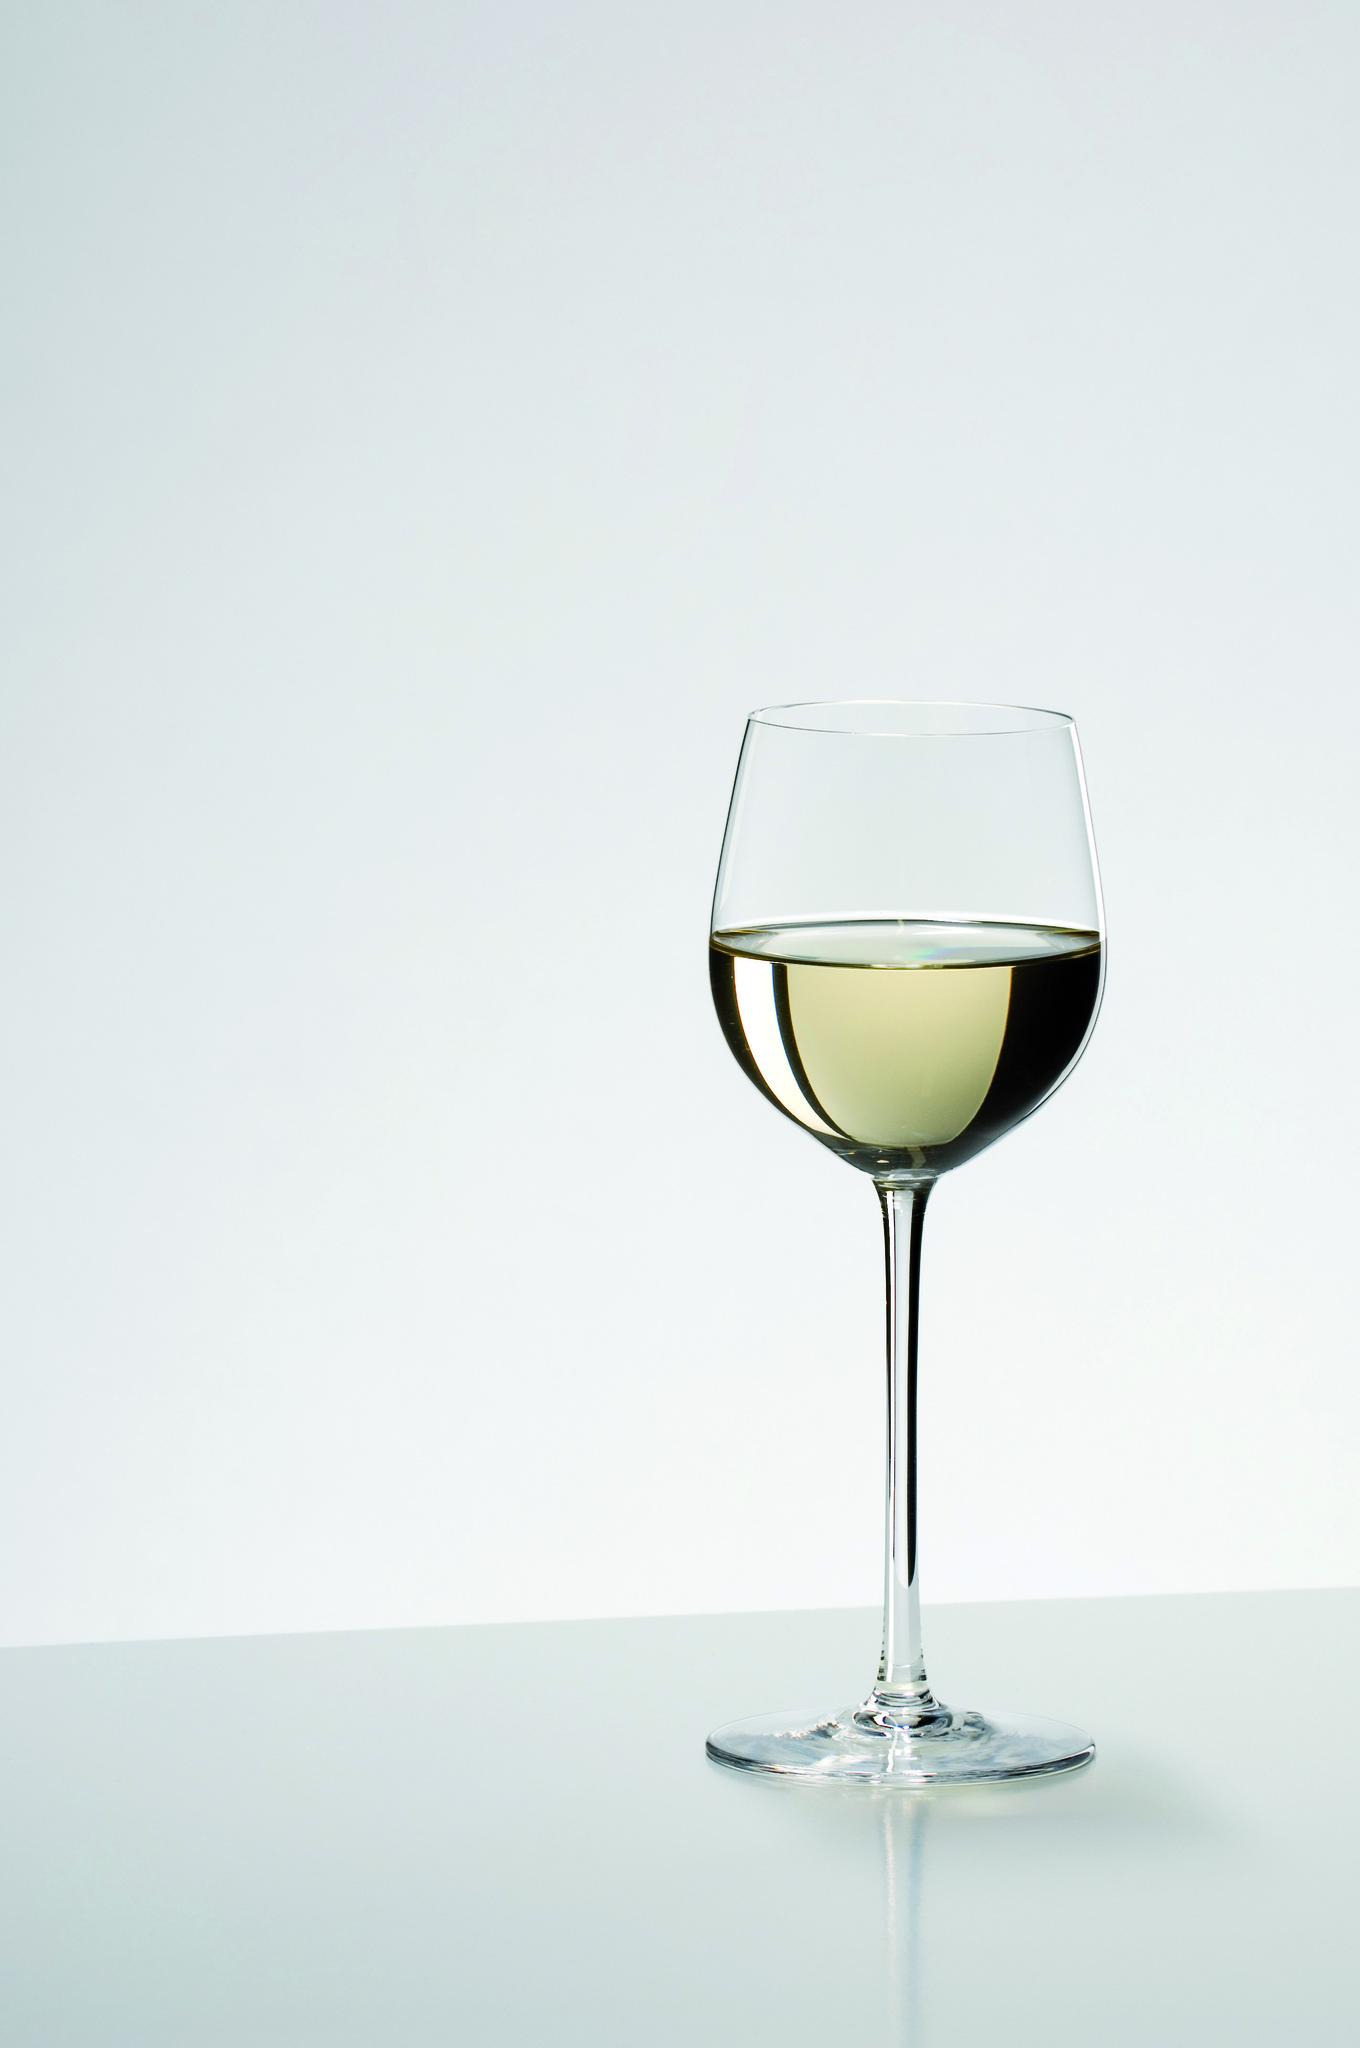 Бокалы Бокал для белого вина 230мл Riedel Sommeliers Alsace bokal-dlya-belogo-vina-230-ml-riedel-alsace-avstriya.jpg